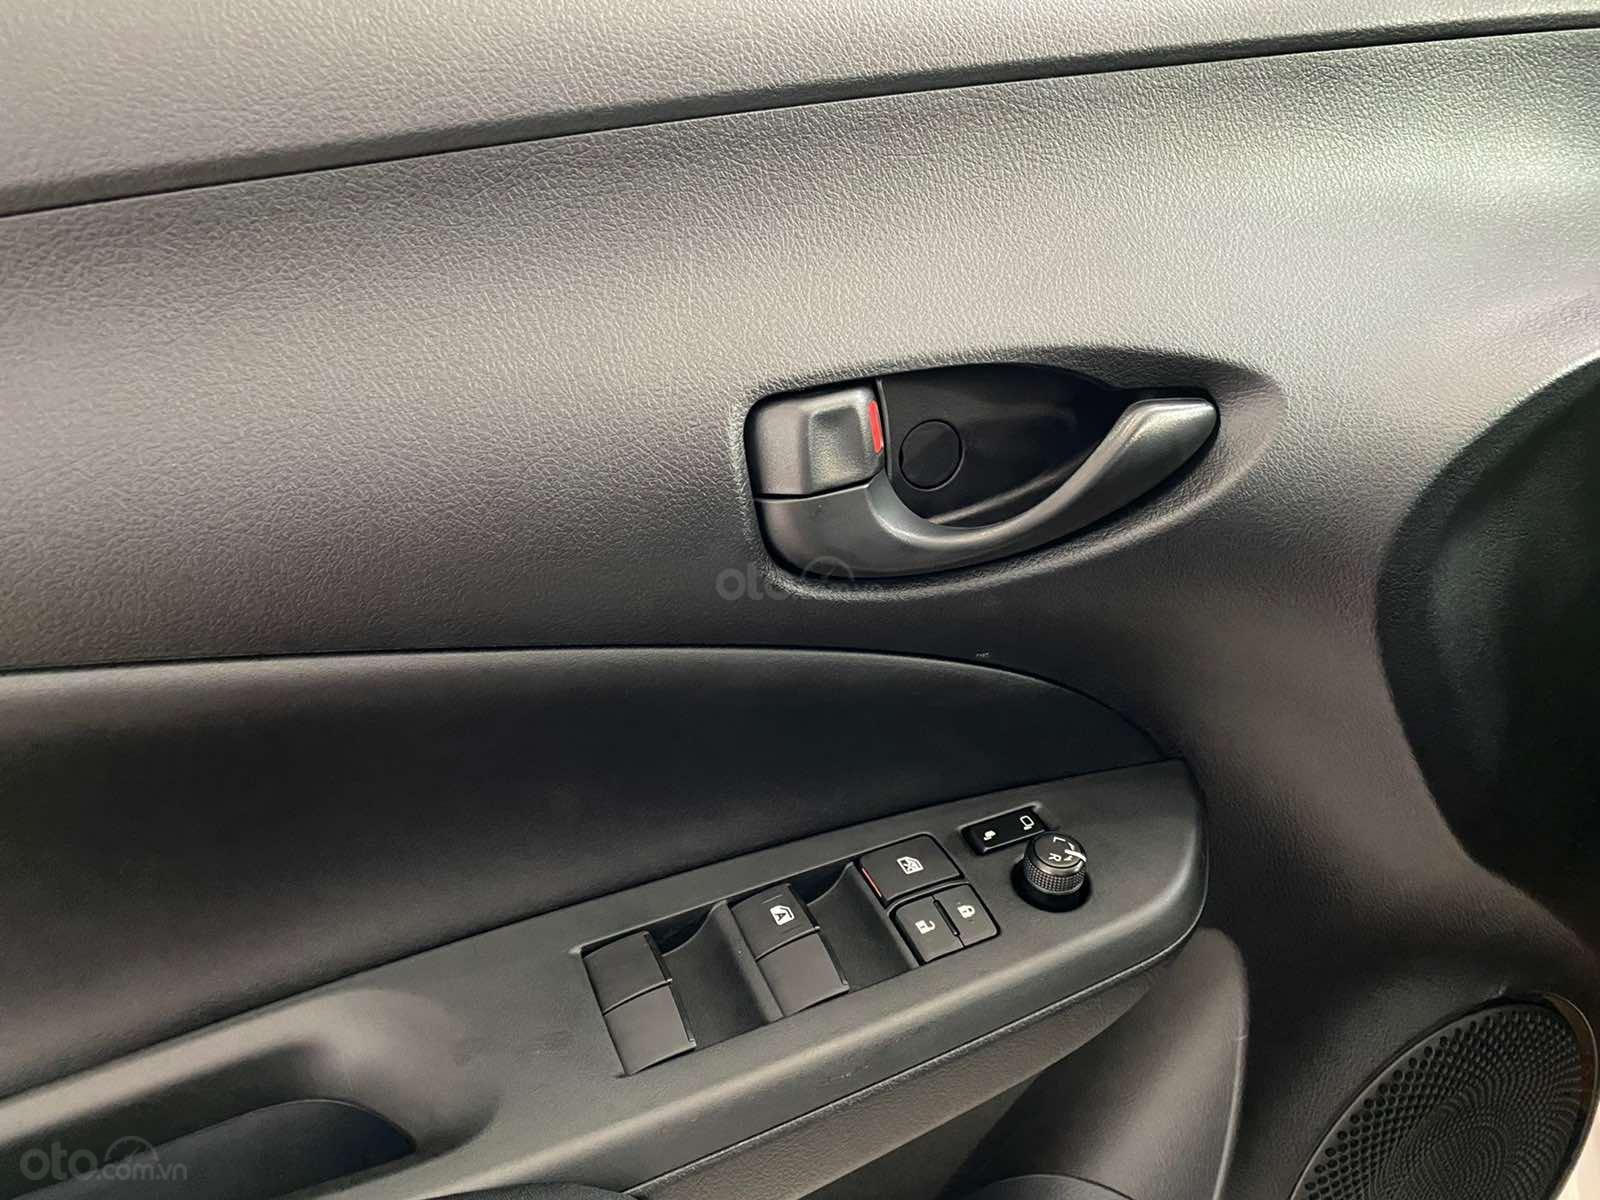 Toyota Vios 1.5E, cam kết giá tốt - cạnh tranh, trả trước 120 triệu - hỗ trợ ngân hàng - lãi suất thấp (12)